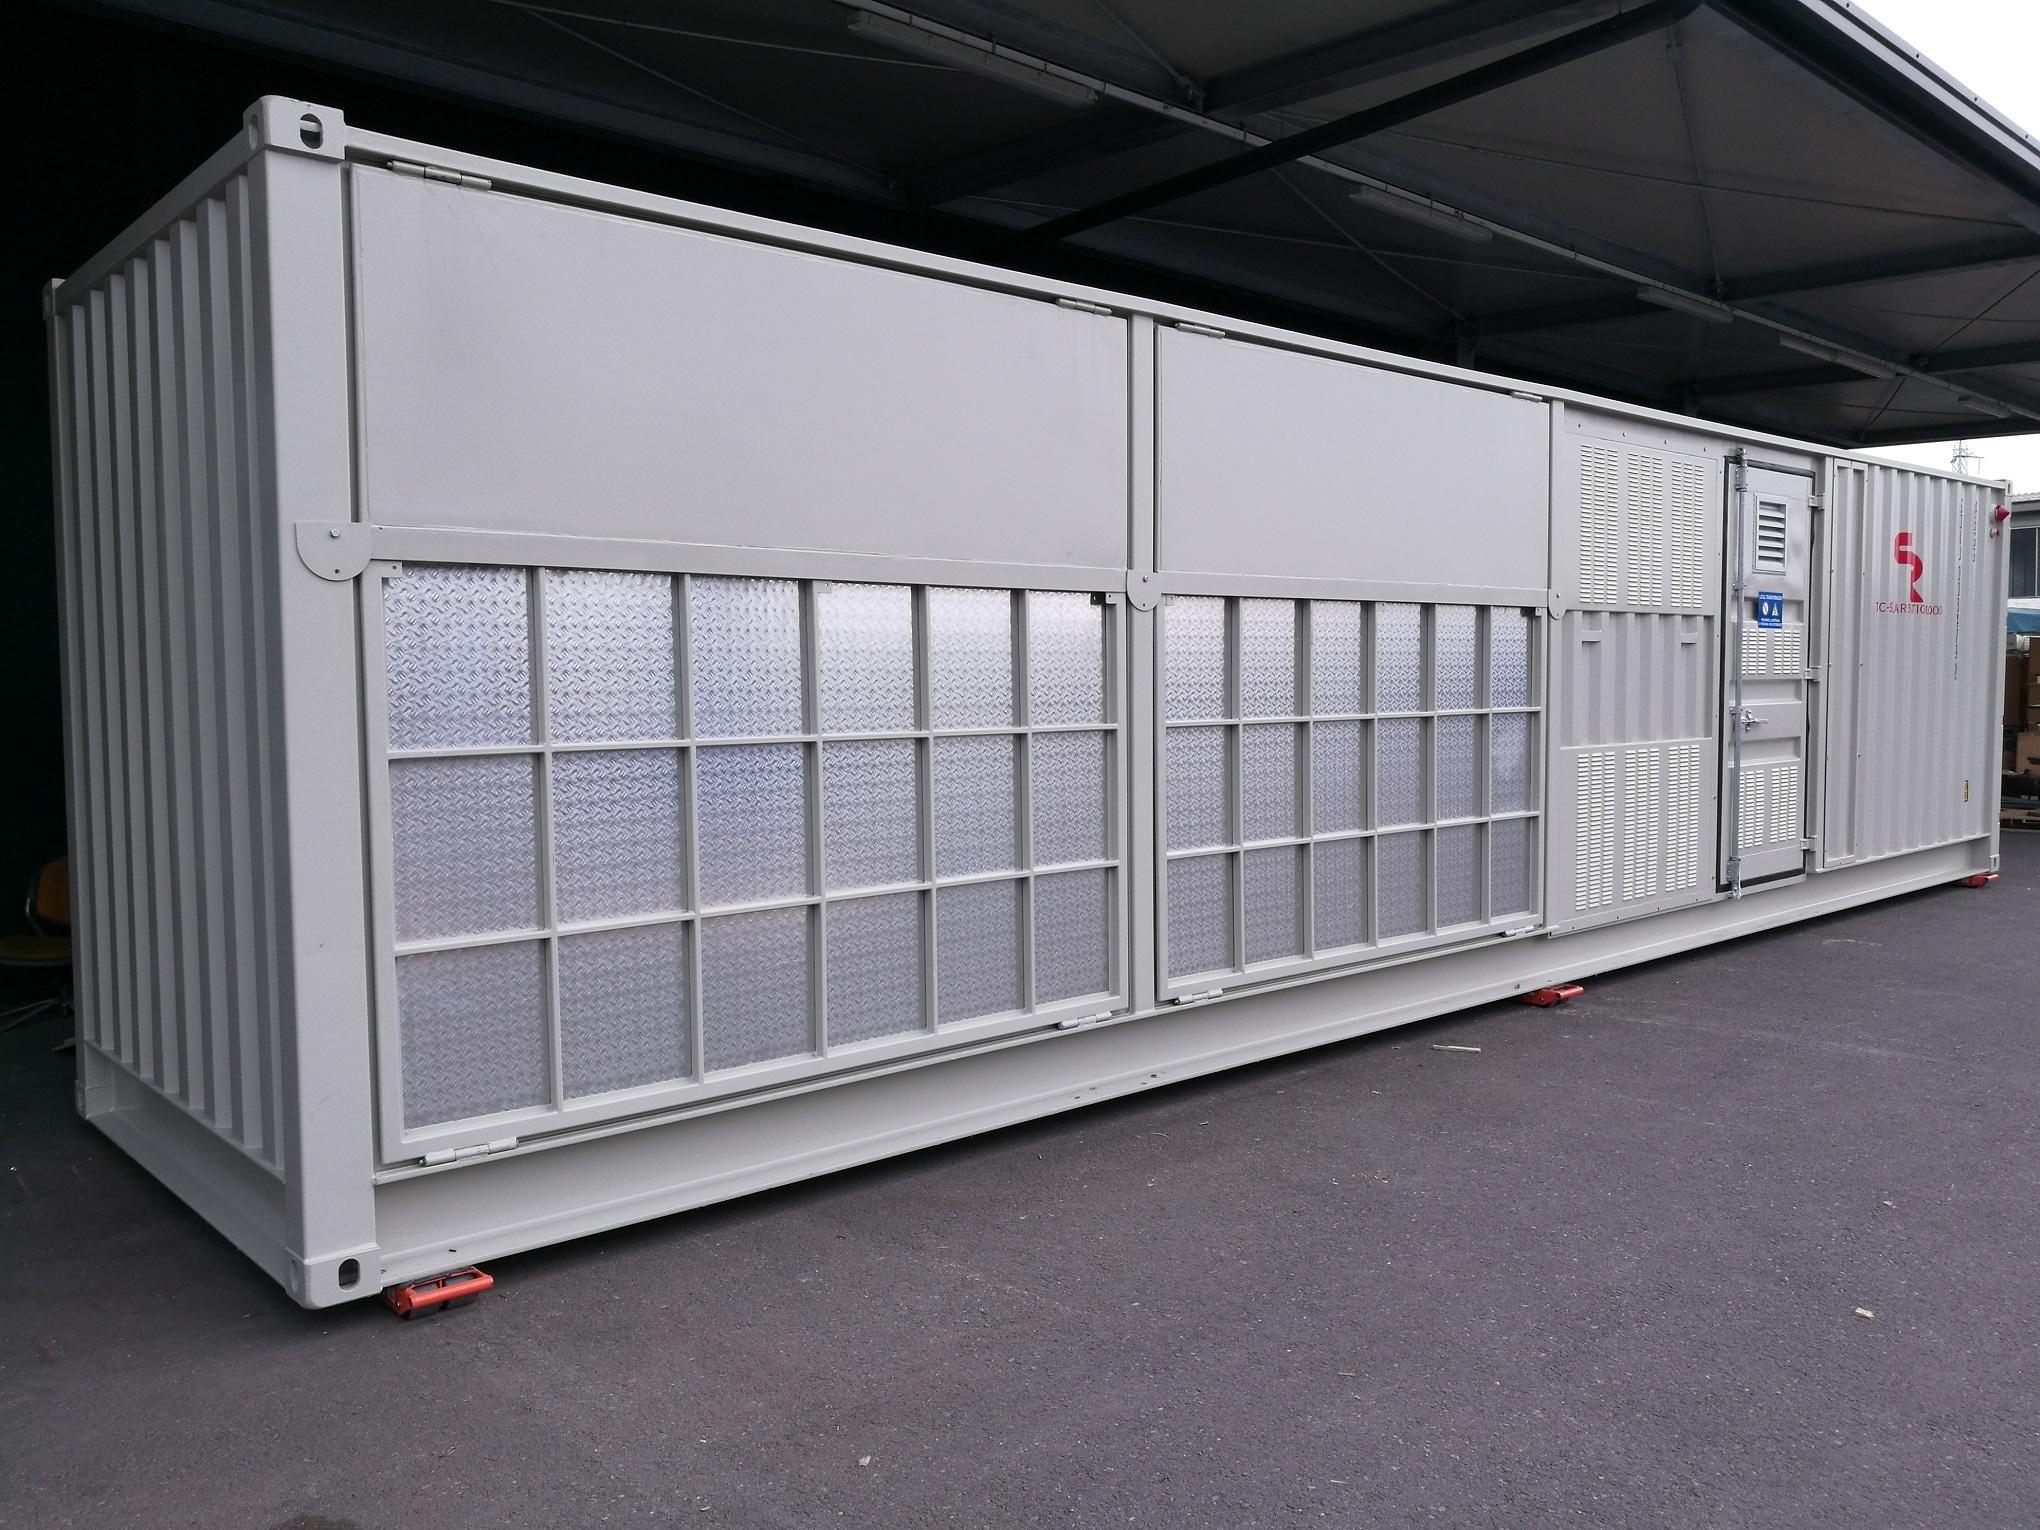 Subestación compacta monobloque ISO container